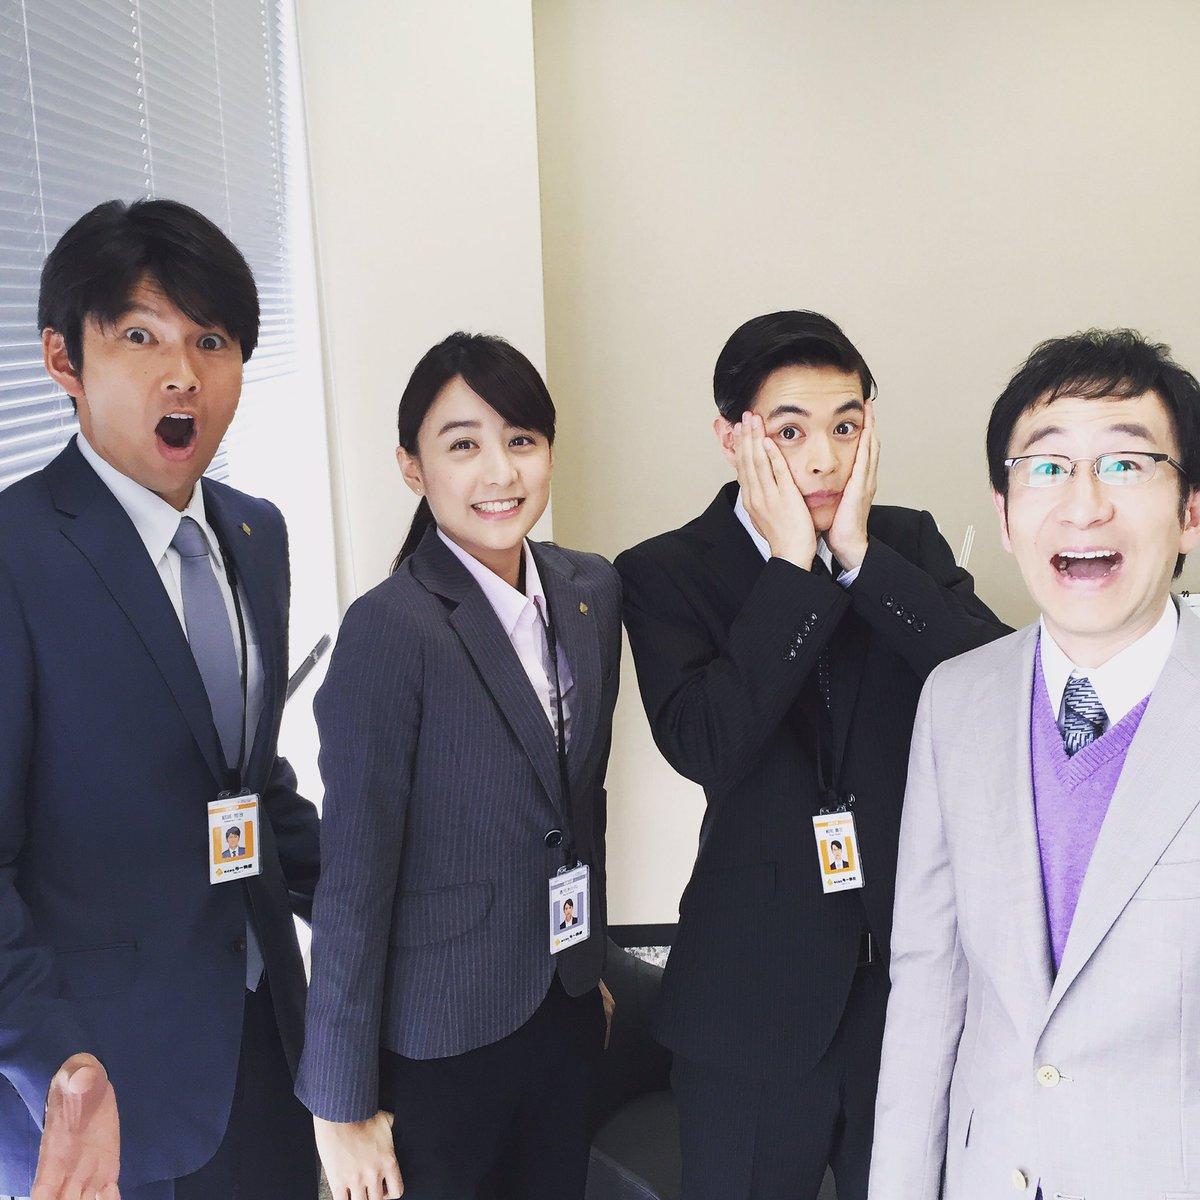 今夜9時からはドラマ『HOPE』第3話の放送です。 新入社員編が始まります。 それぞれの上司との関係…